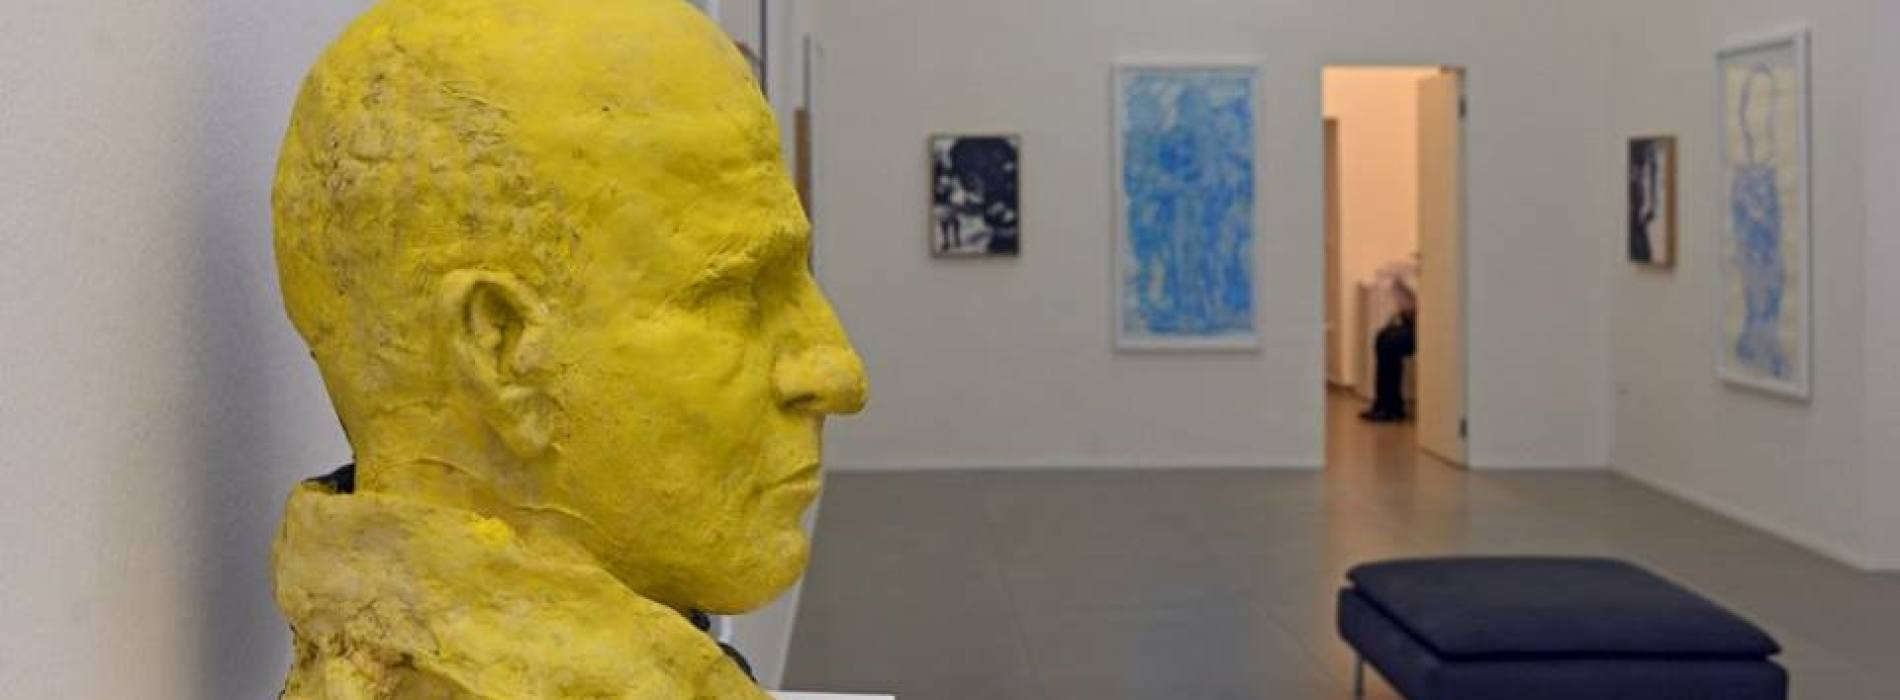 L'arte di Gianni Dessì conquista Caserta